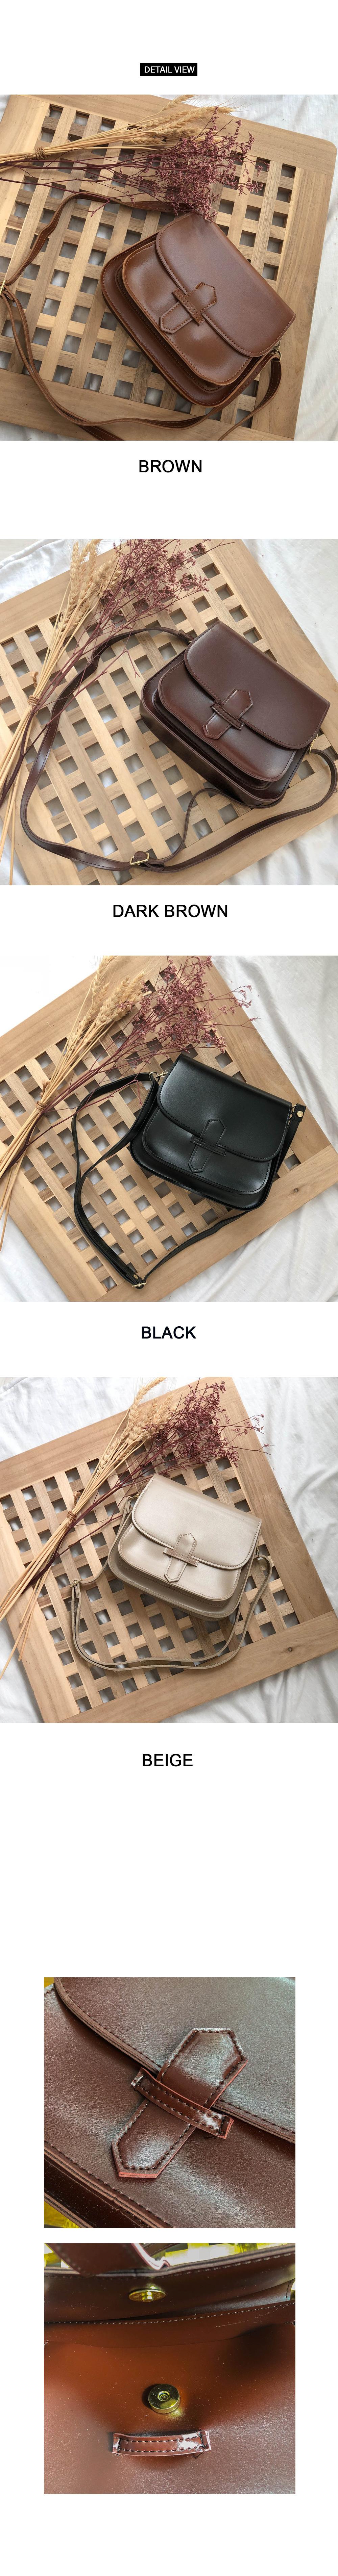 Fox Center Belt Bag